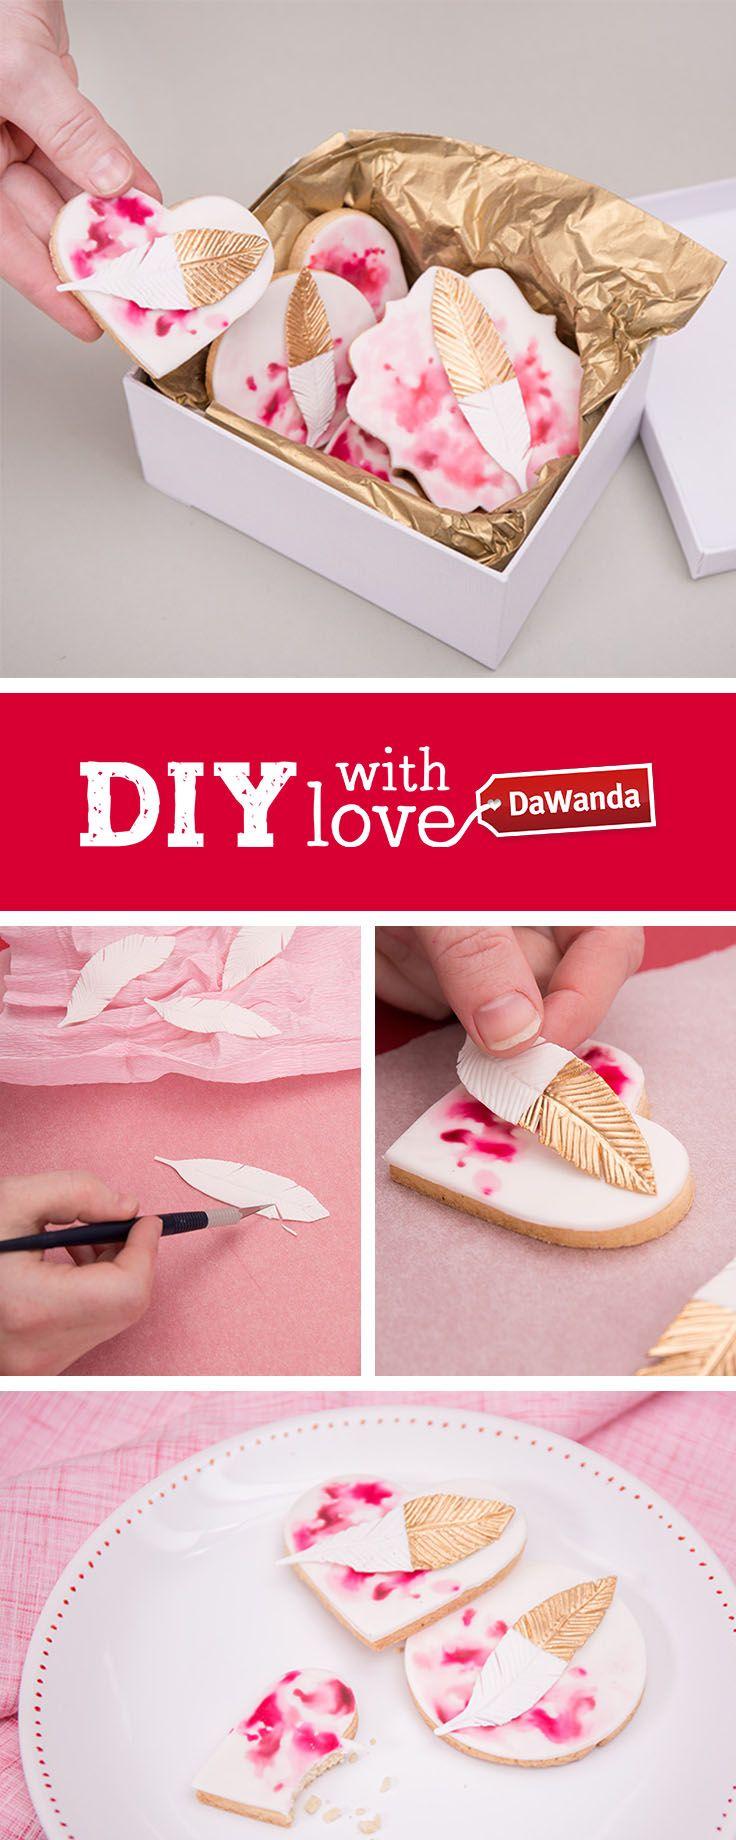 A la recherche d'inspiration culinaire ? Un tuto DIY facile à réaliser, et tellement beau ! Produit dans nos studios à Berlin. Sur DaWanda.com